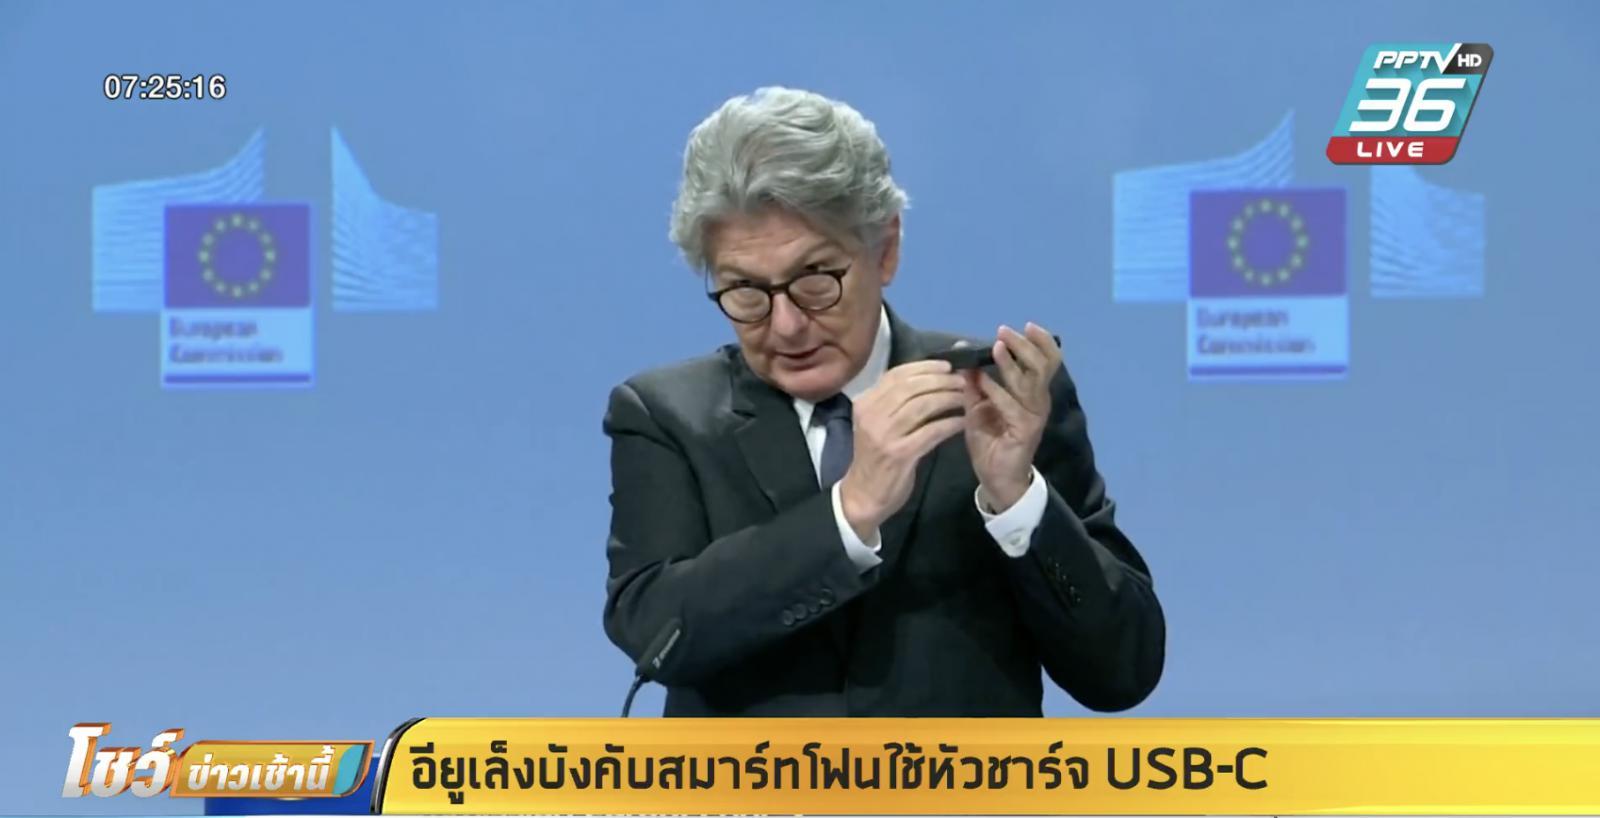 อียูเล็งบังคับบริษัทสมาร์ทโฟนใช้หัวชาร์จ USB-C